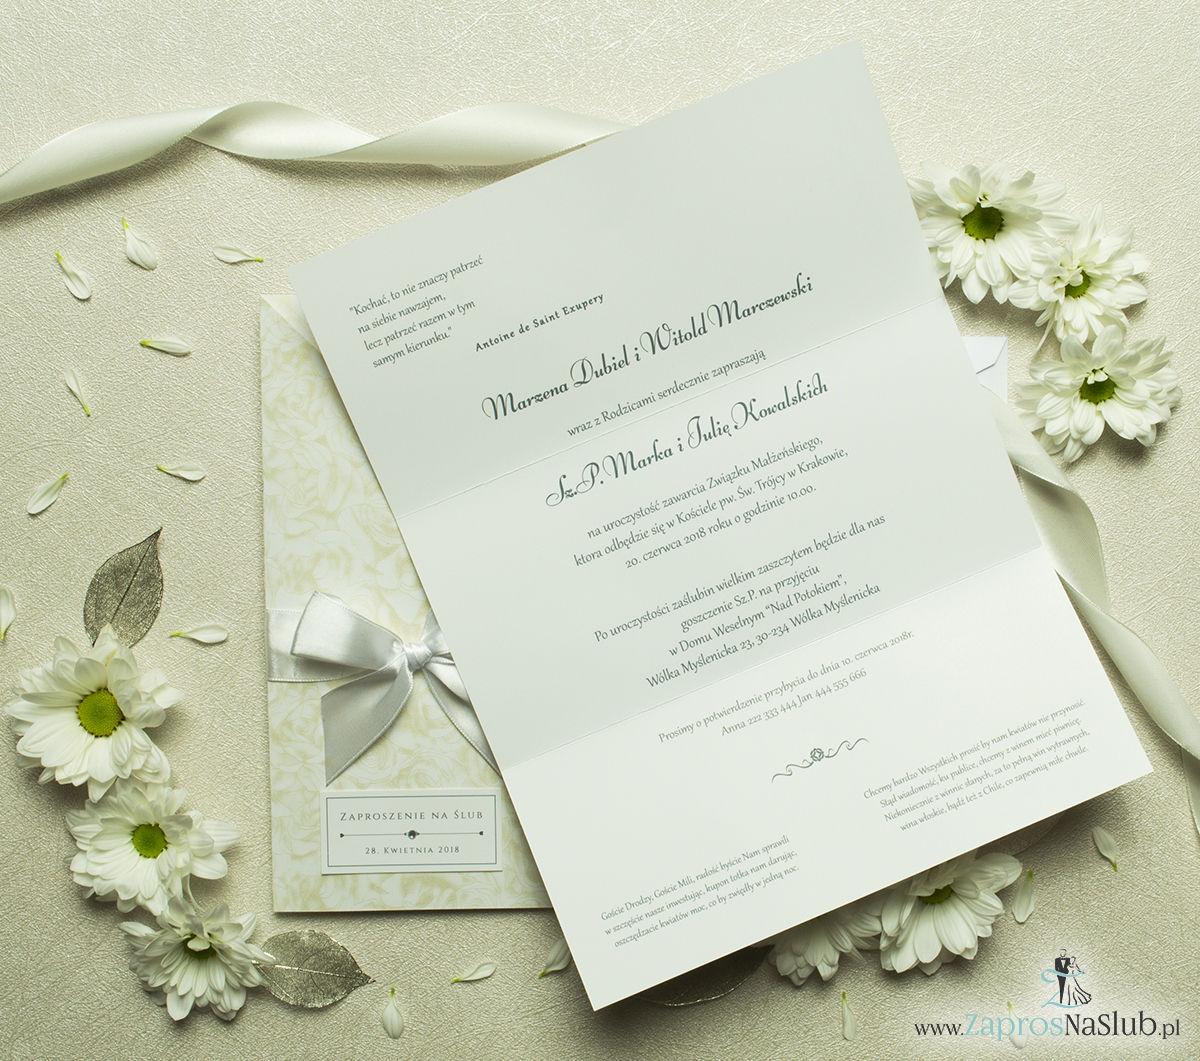 Wyjątkowo prestiżowe, dwuczęściowe zaproszenia ślubne. Charakterystyczna prostokątna okładka w złote róże na białym tle, biała kokardka i wnętrze drukowane na jasnym papierze. ZAP-89-51